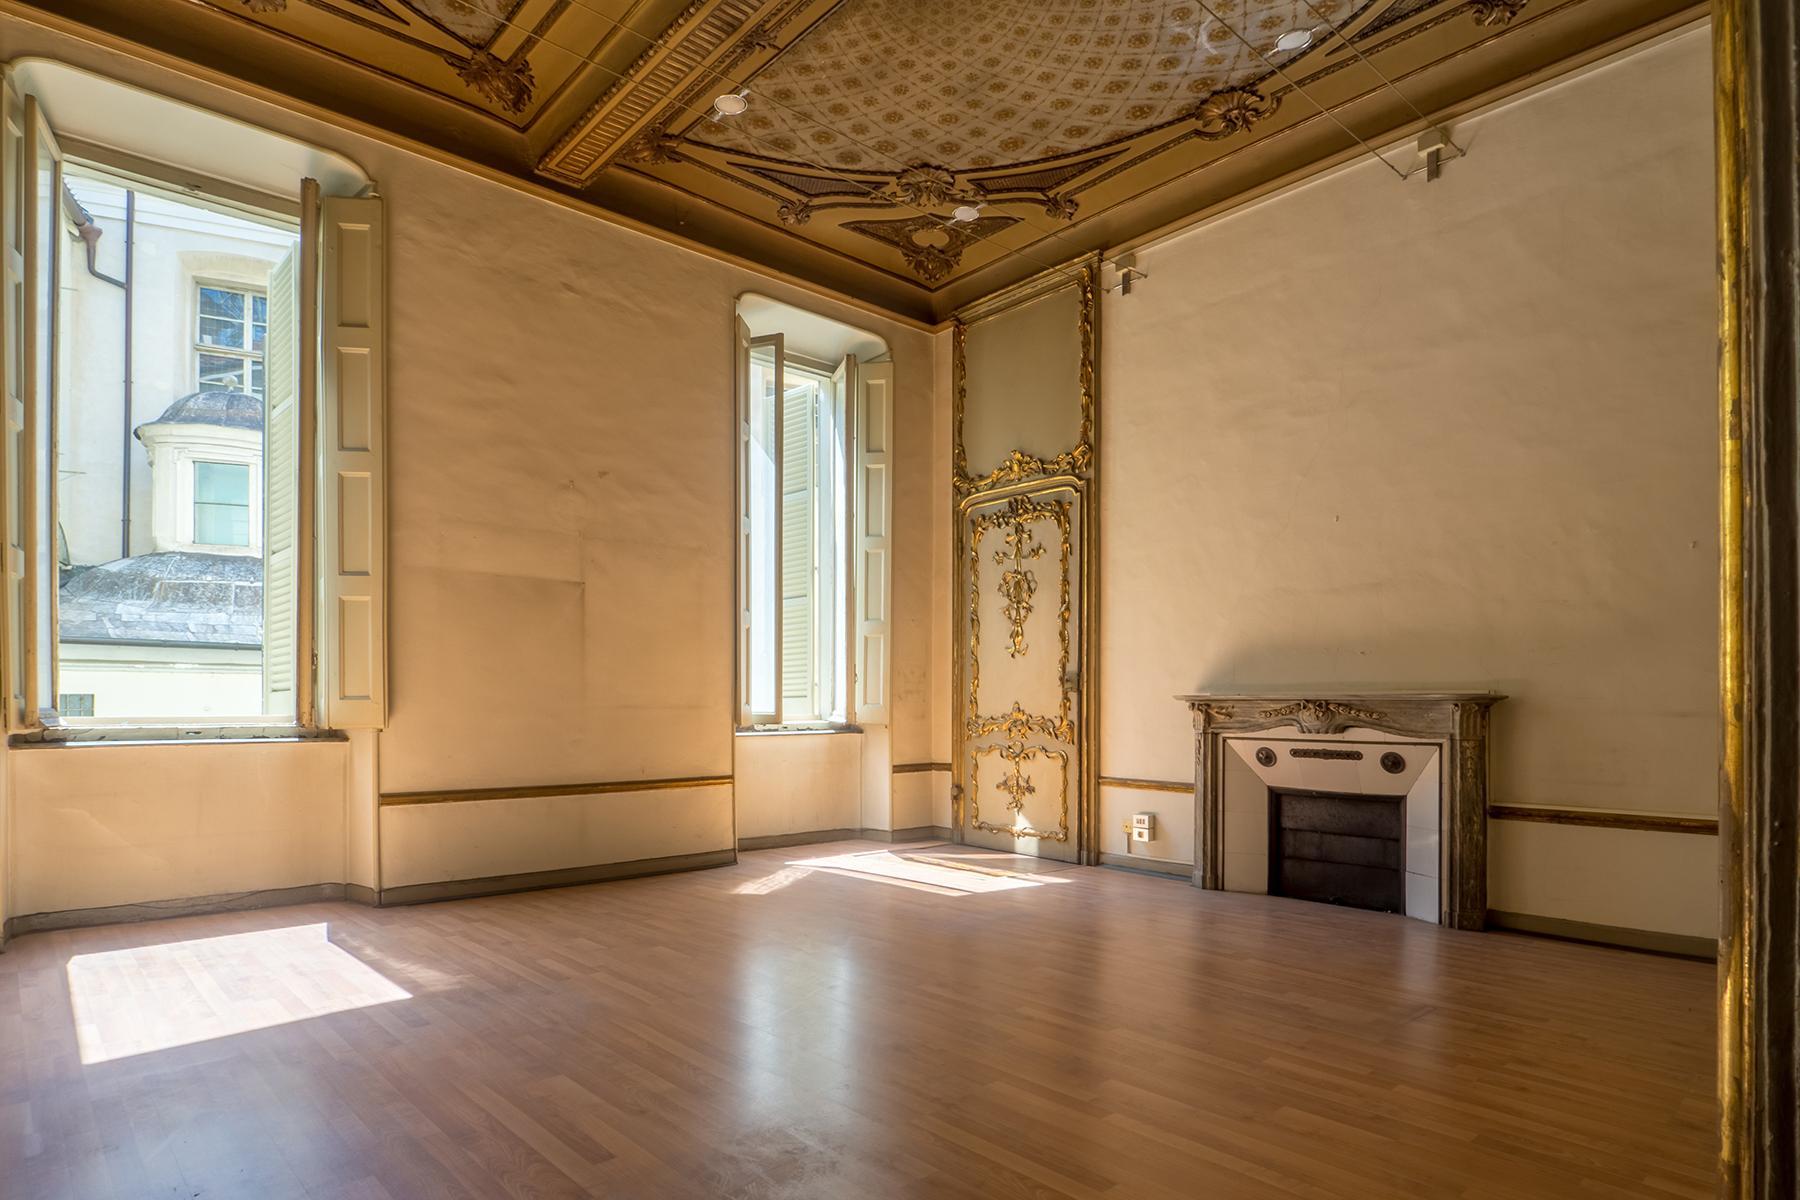 Ufficio di alta rappresentanza nel centro storico di Torino - 1